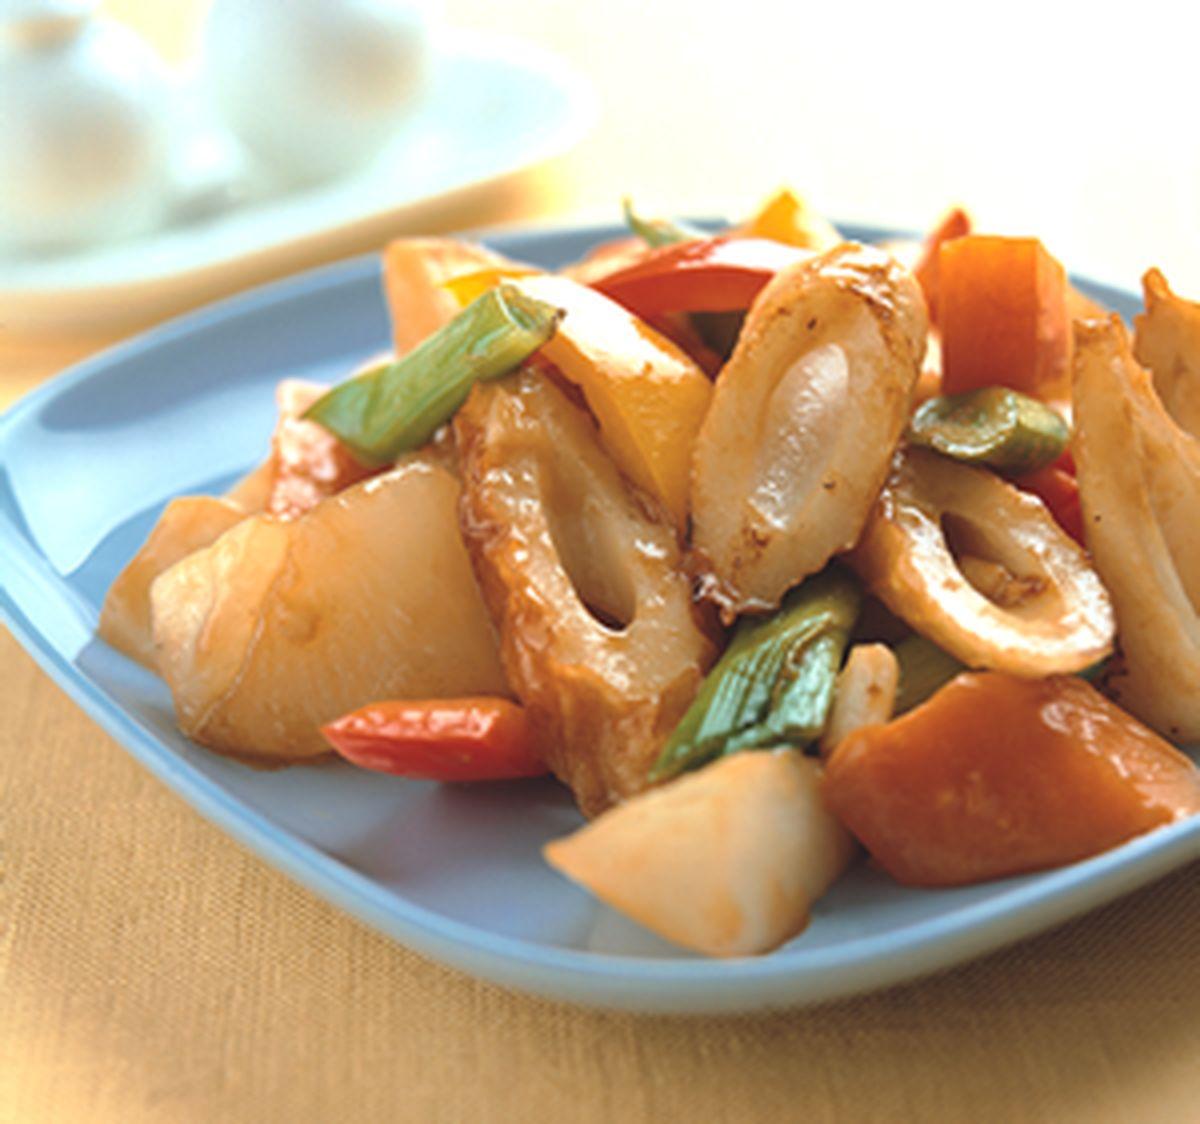 食譜:蘿蔔竹小町